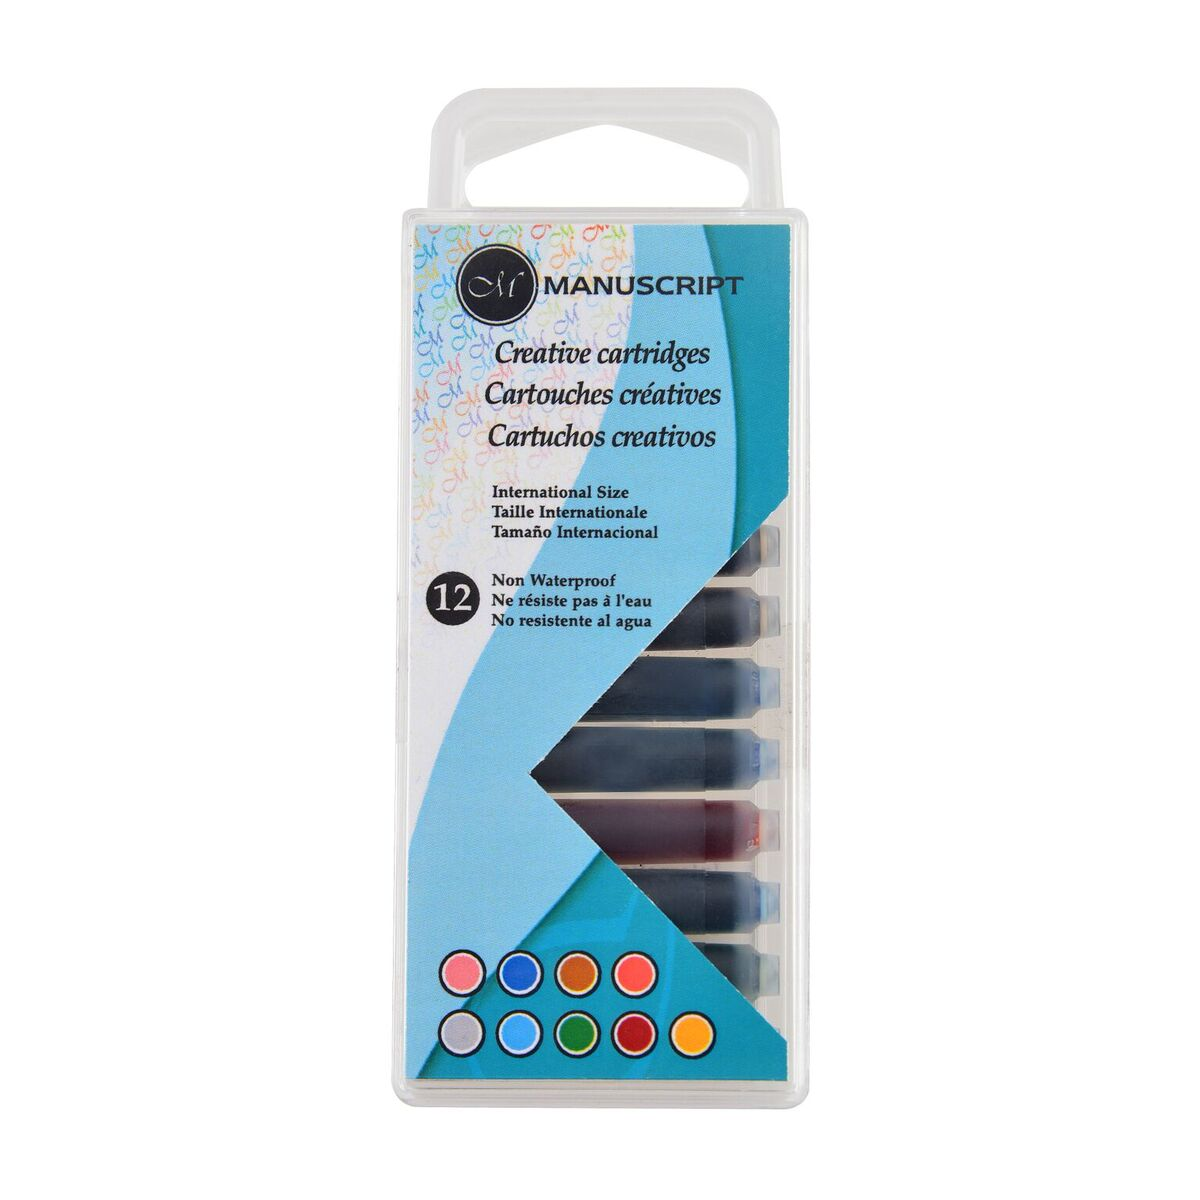 Купить Набор картриджей для перьевых ручек Manuscript Creative 12 шт, ассорти, 9 цветов